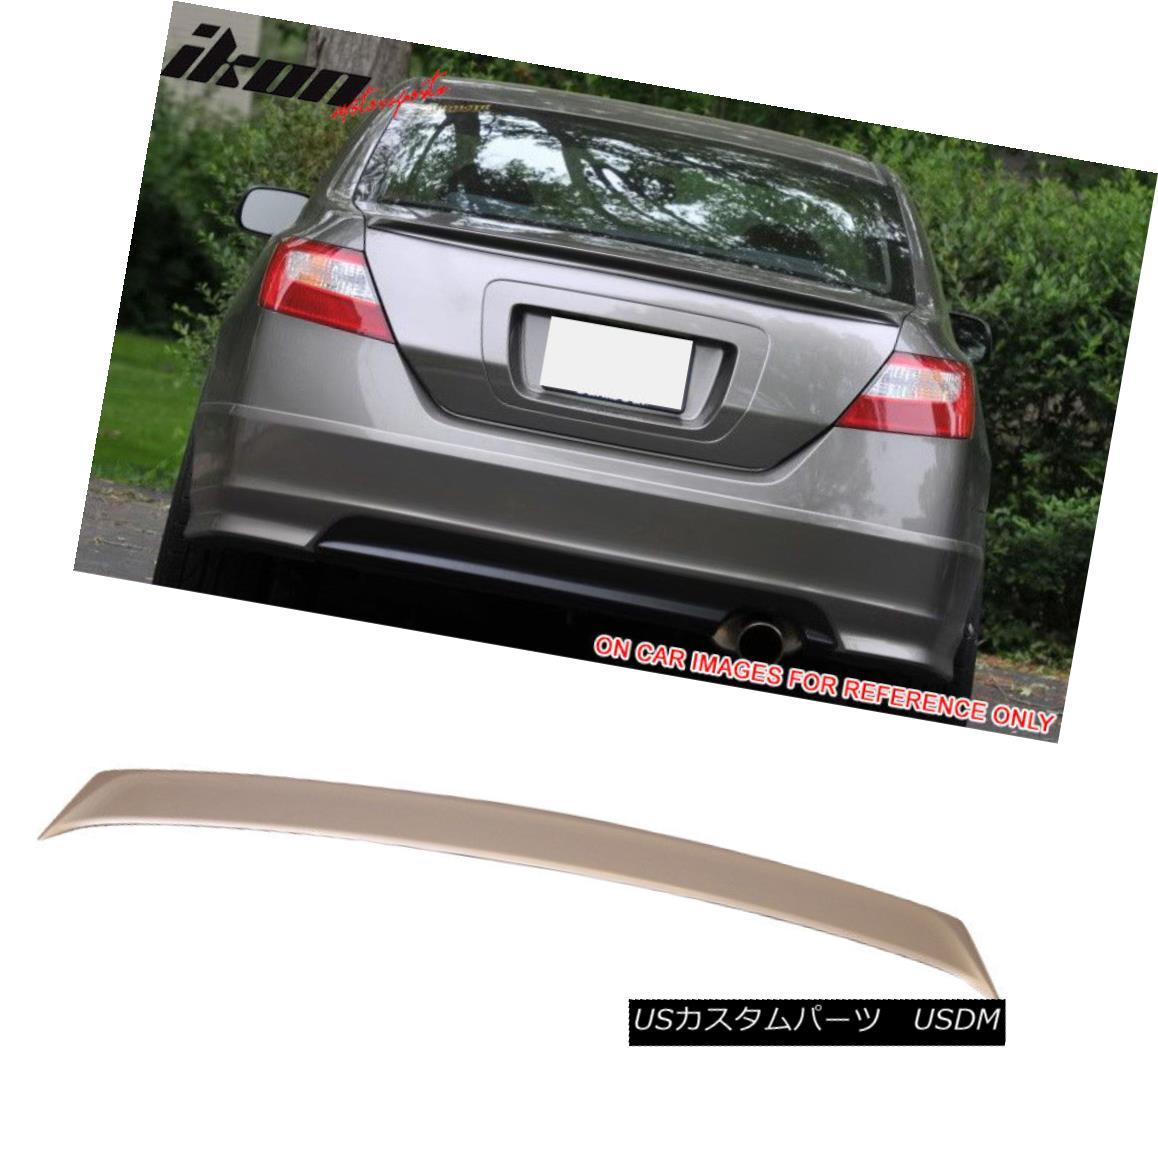 エアロパーツ Fits 06-11 Civic Sedan Trunk Spoiler Painted #NH700M Alabaster Silver Metallic フィット06-11シビックセダントランクスポイラー塗装#NH700Mアラバスターシルバーメタリック